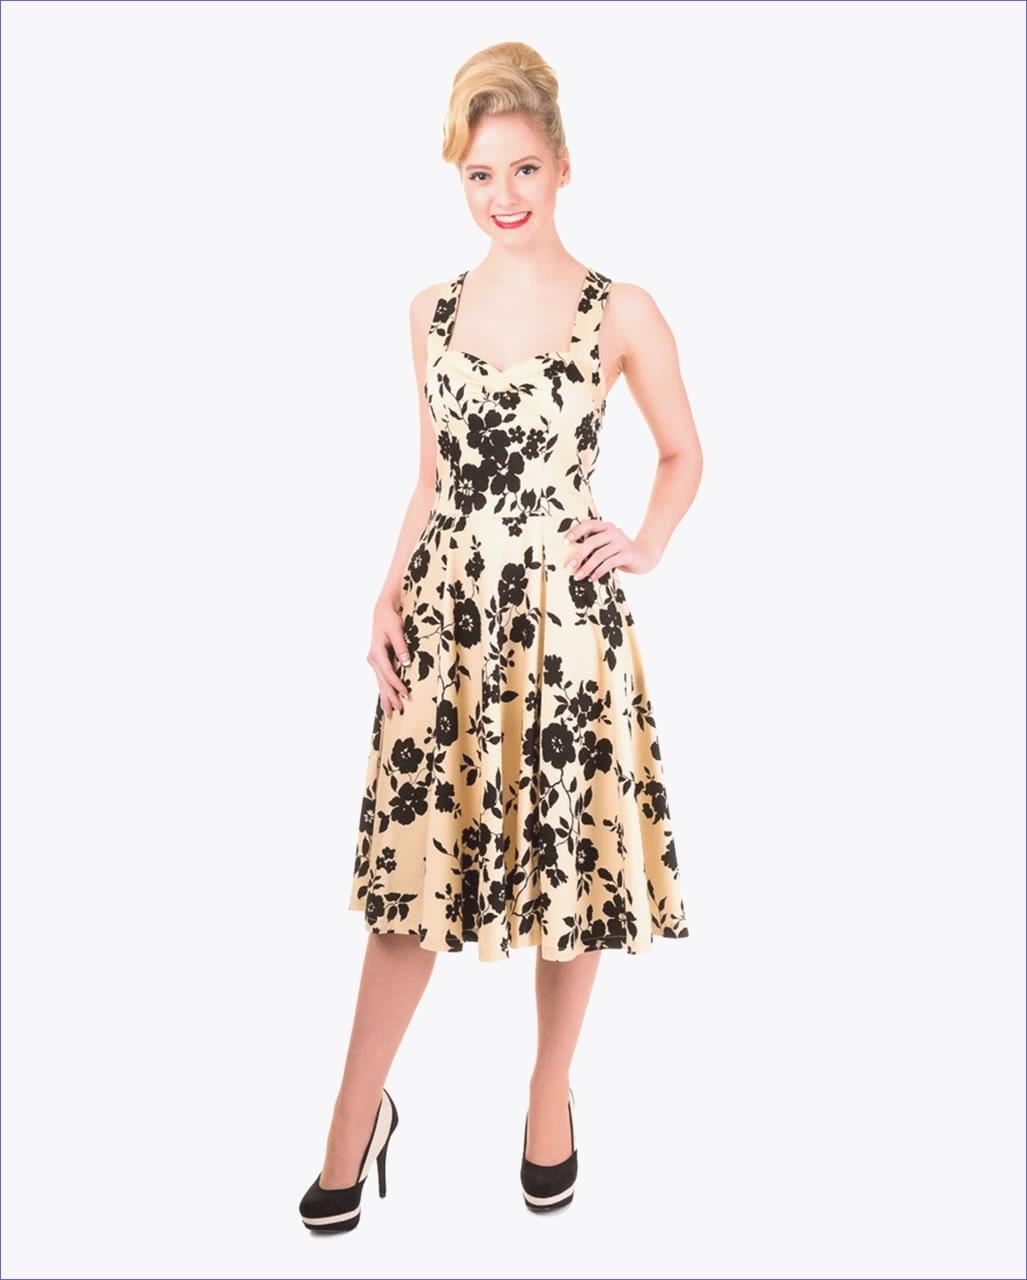 17 Schön Schwarzes Kleid Hochzeit Design15 Genial Schwarzes Kleid Hochzeit Vertrieb